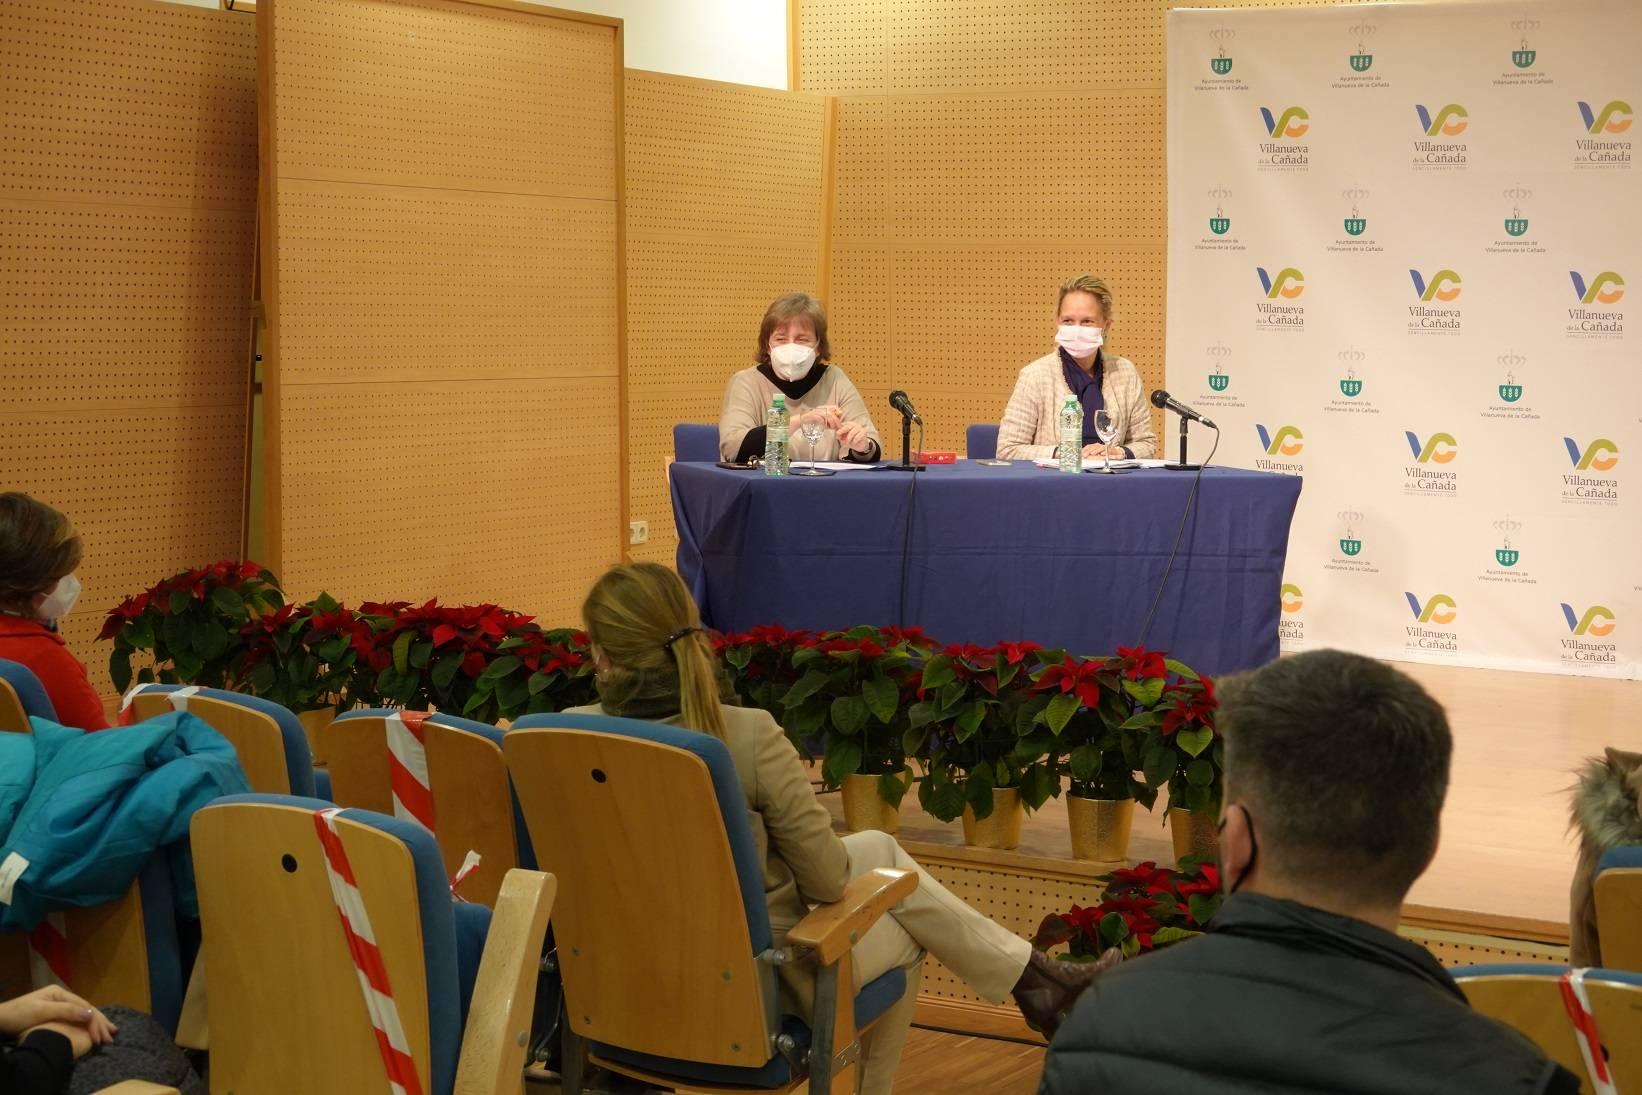 La concejala de S. Sociales y presidenta de la Mancomunidad, Patricia Fernández, y directora de la Mancomunidad, Marisa Huetos.